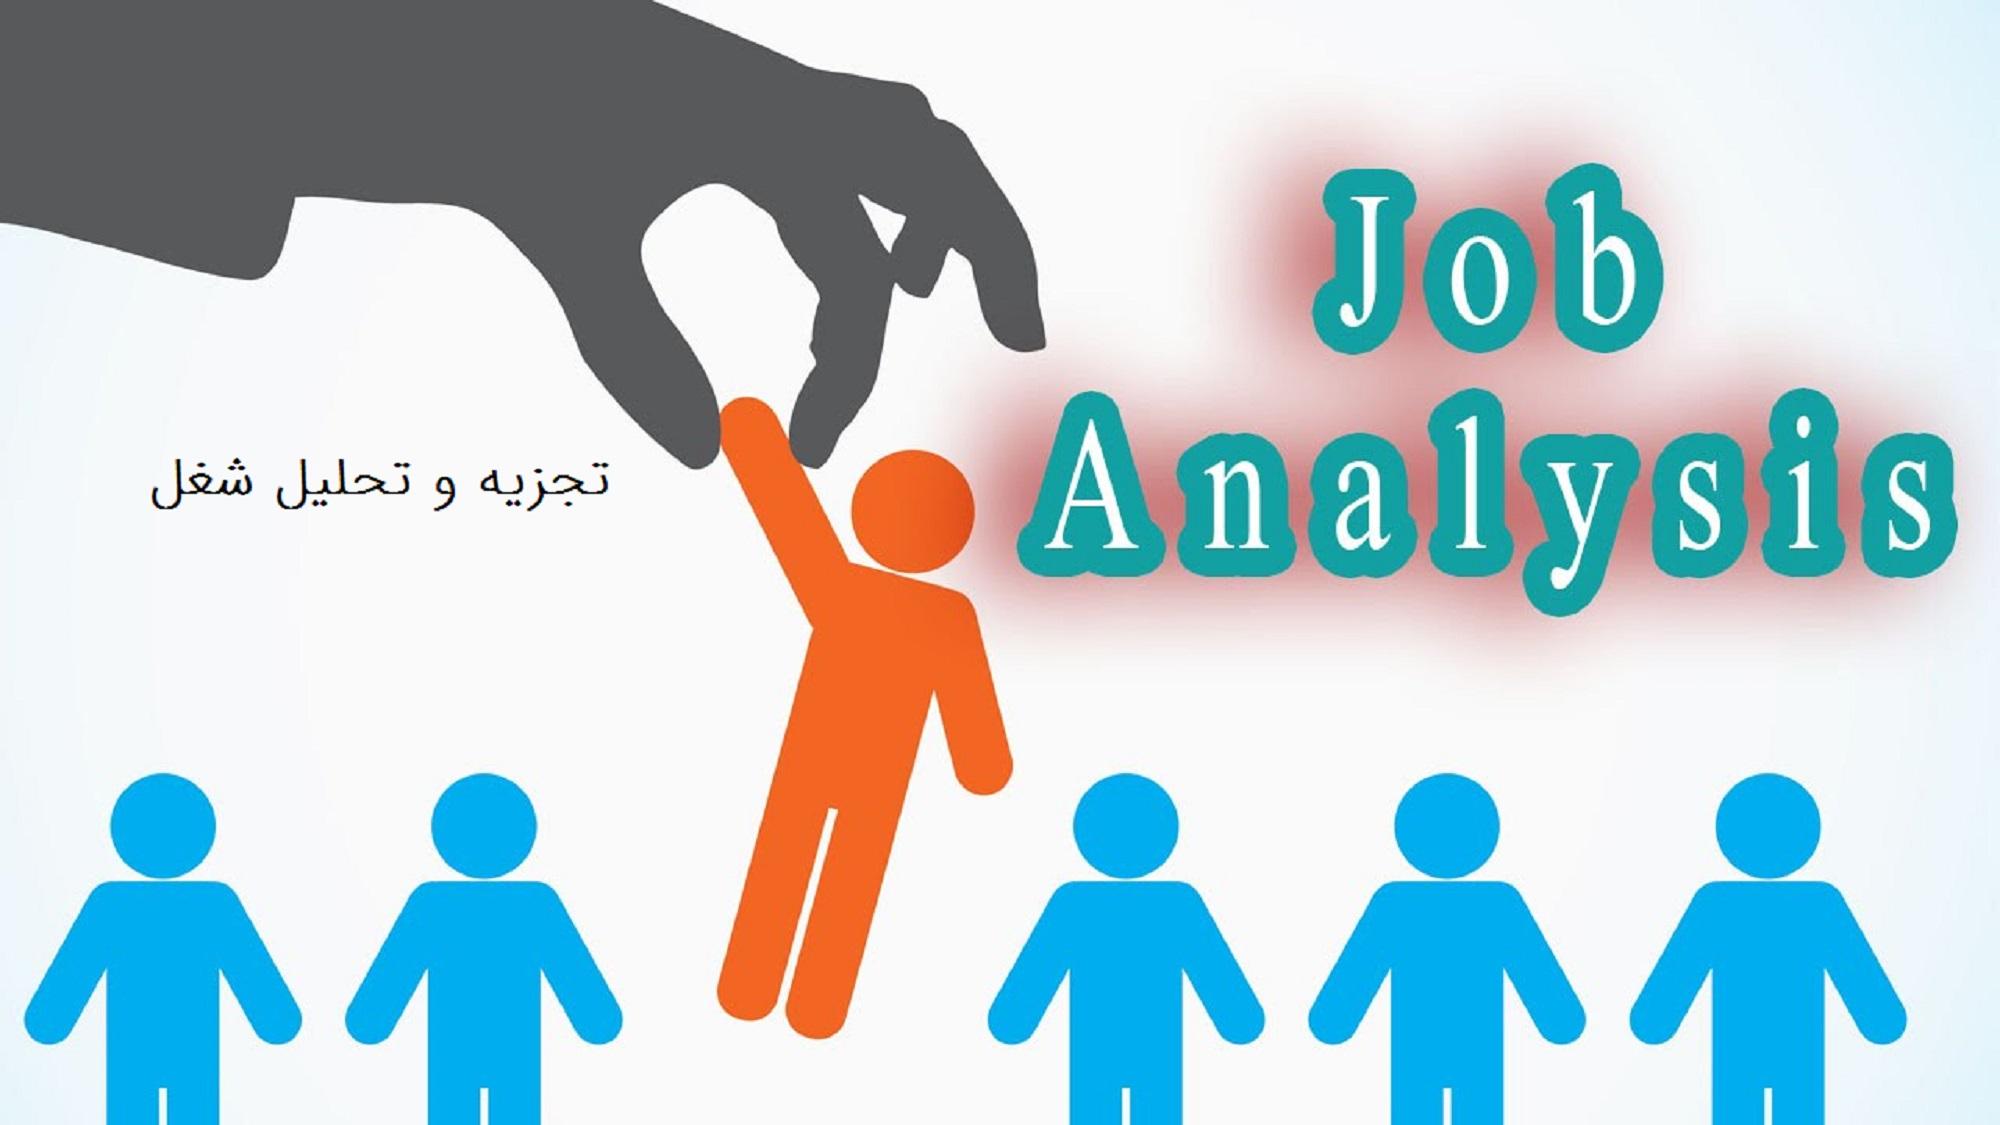 تجزیه و تحلیل شغل (Job Analysis) چیست؟